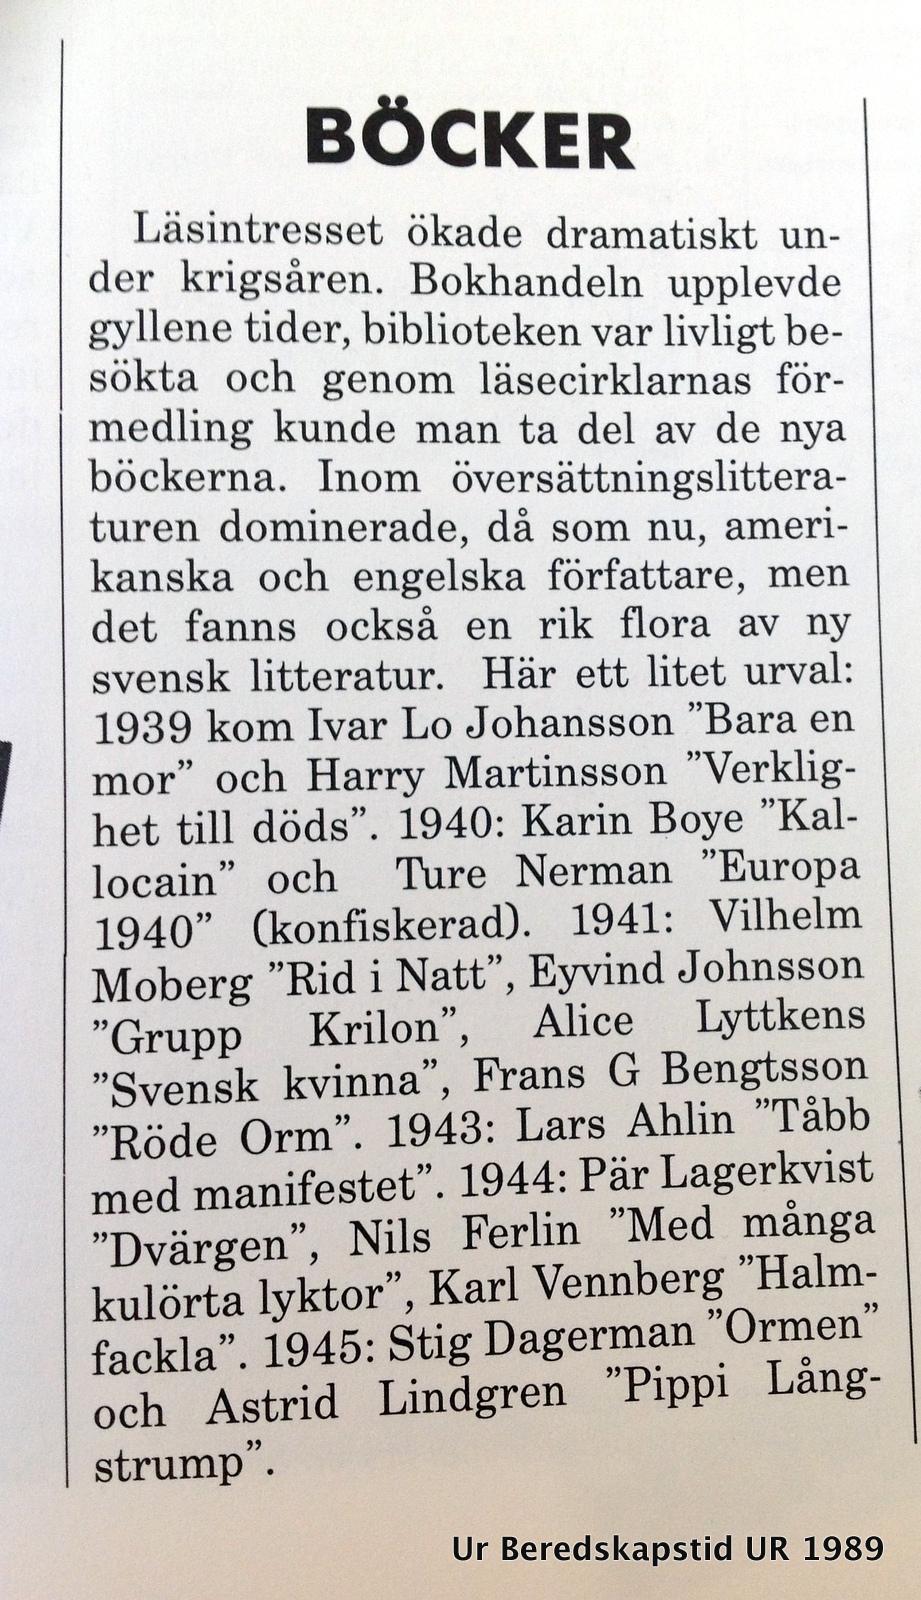 UR 1989 Berdskapstid